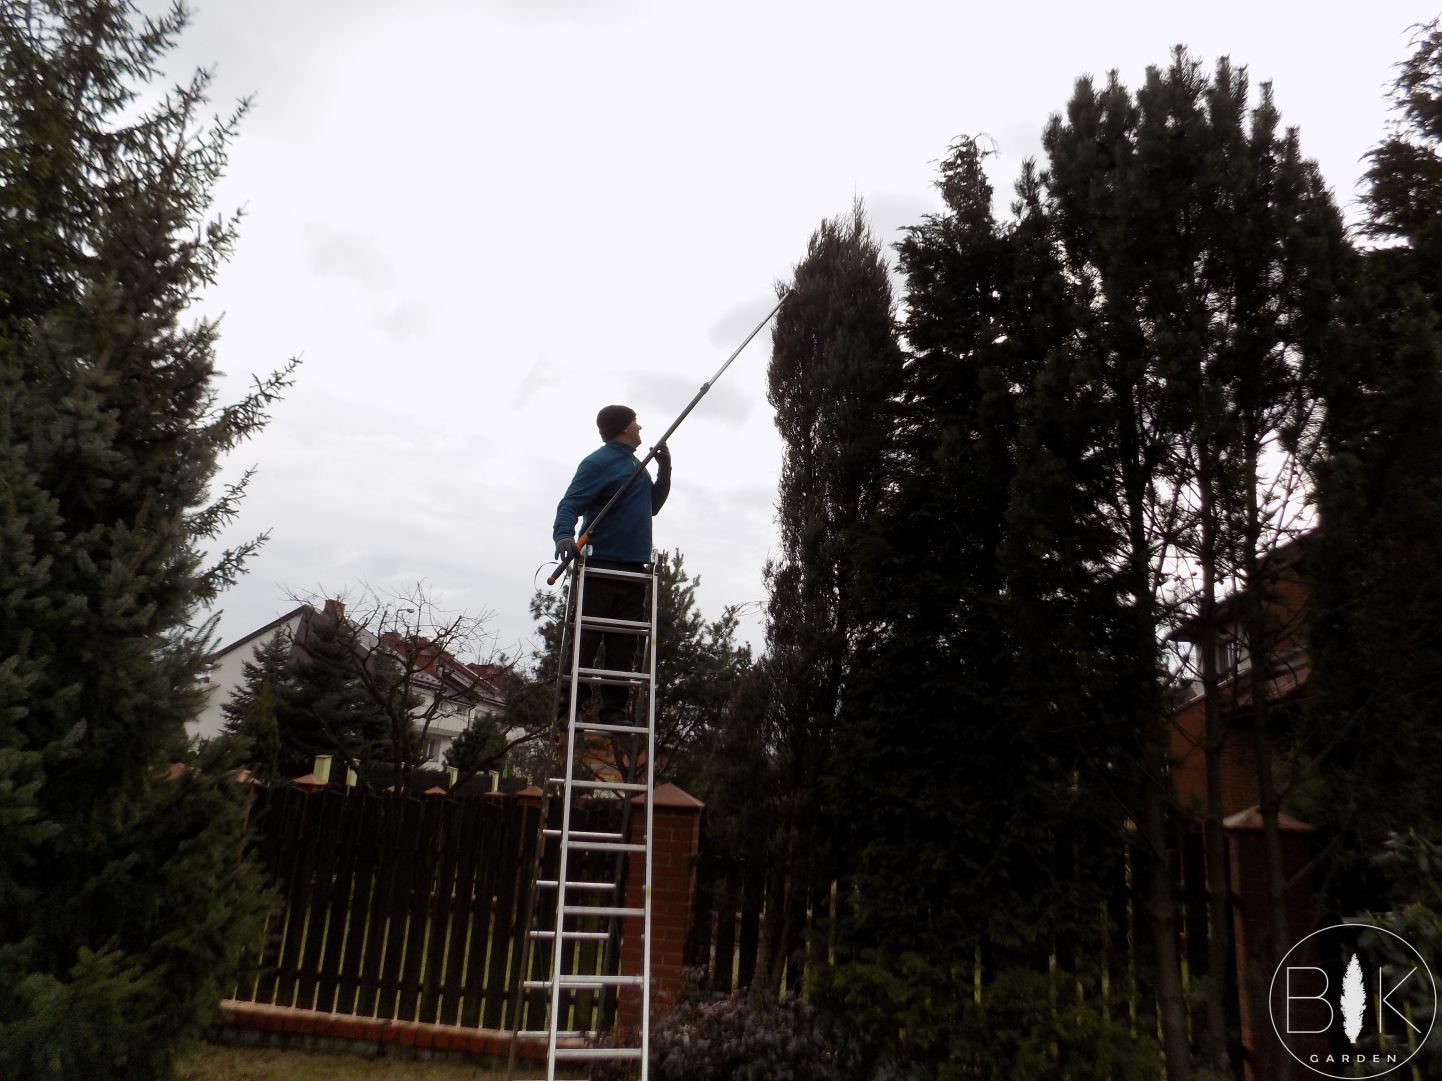 Przycinanie wysokich drzew